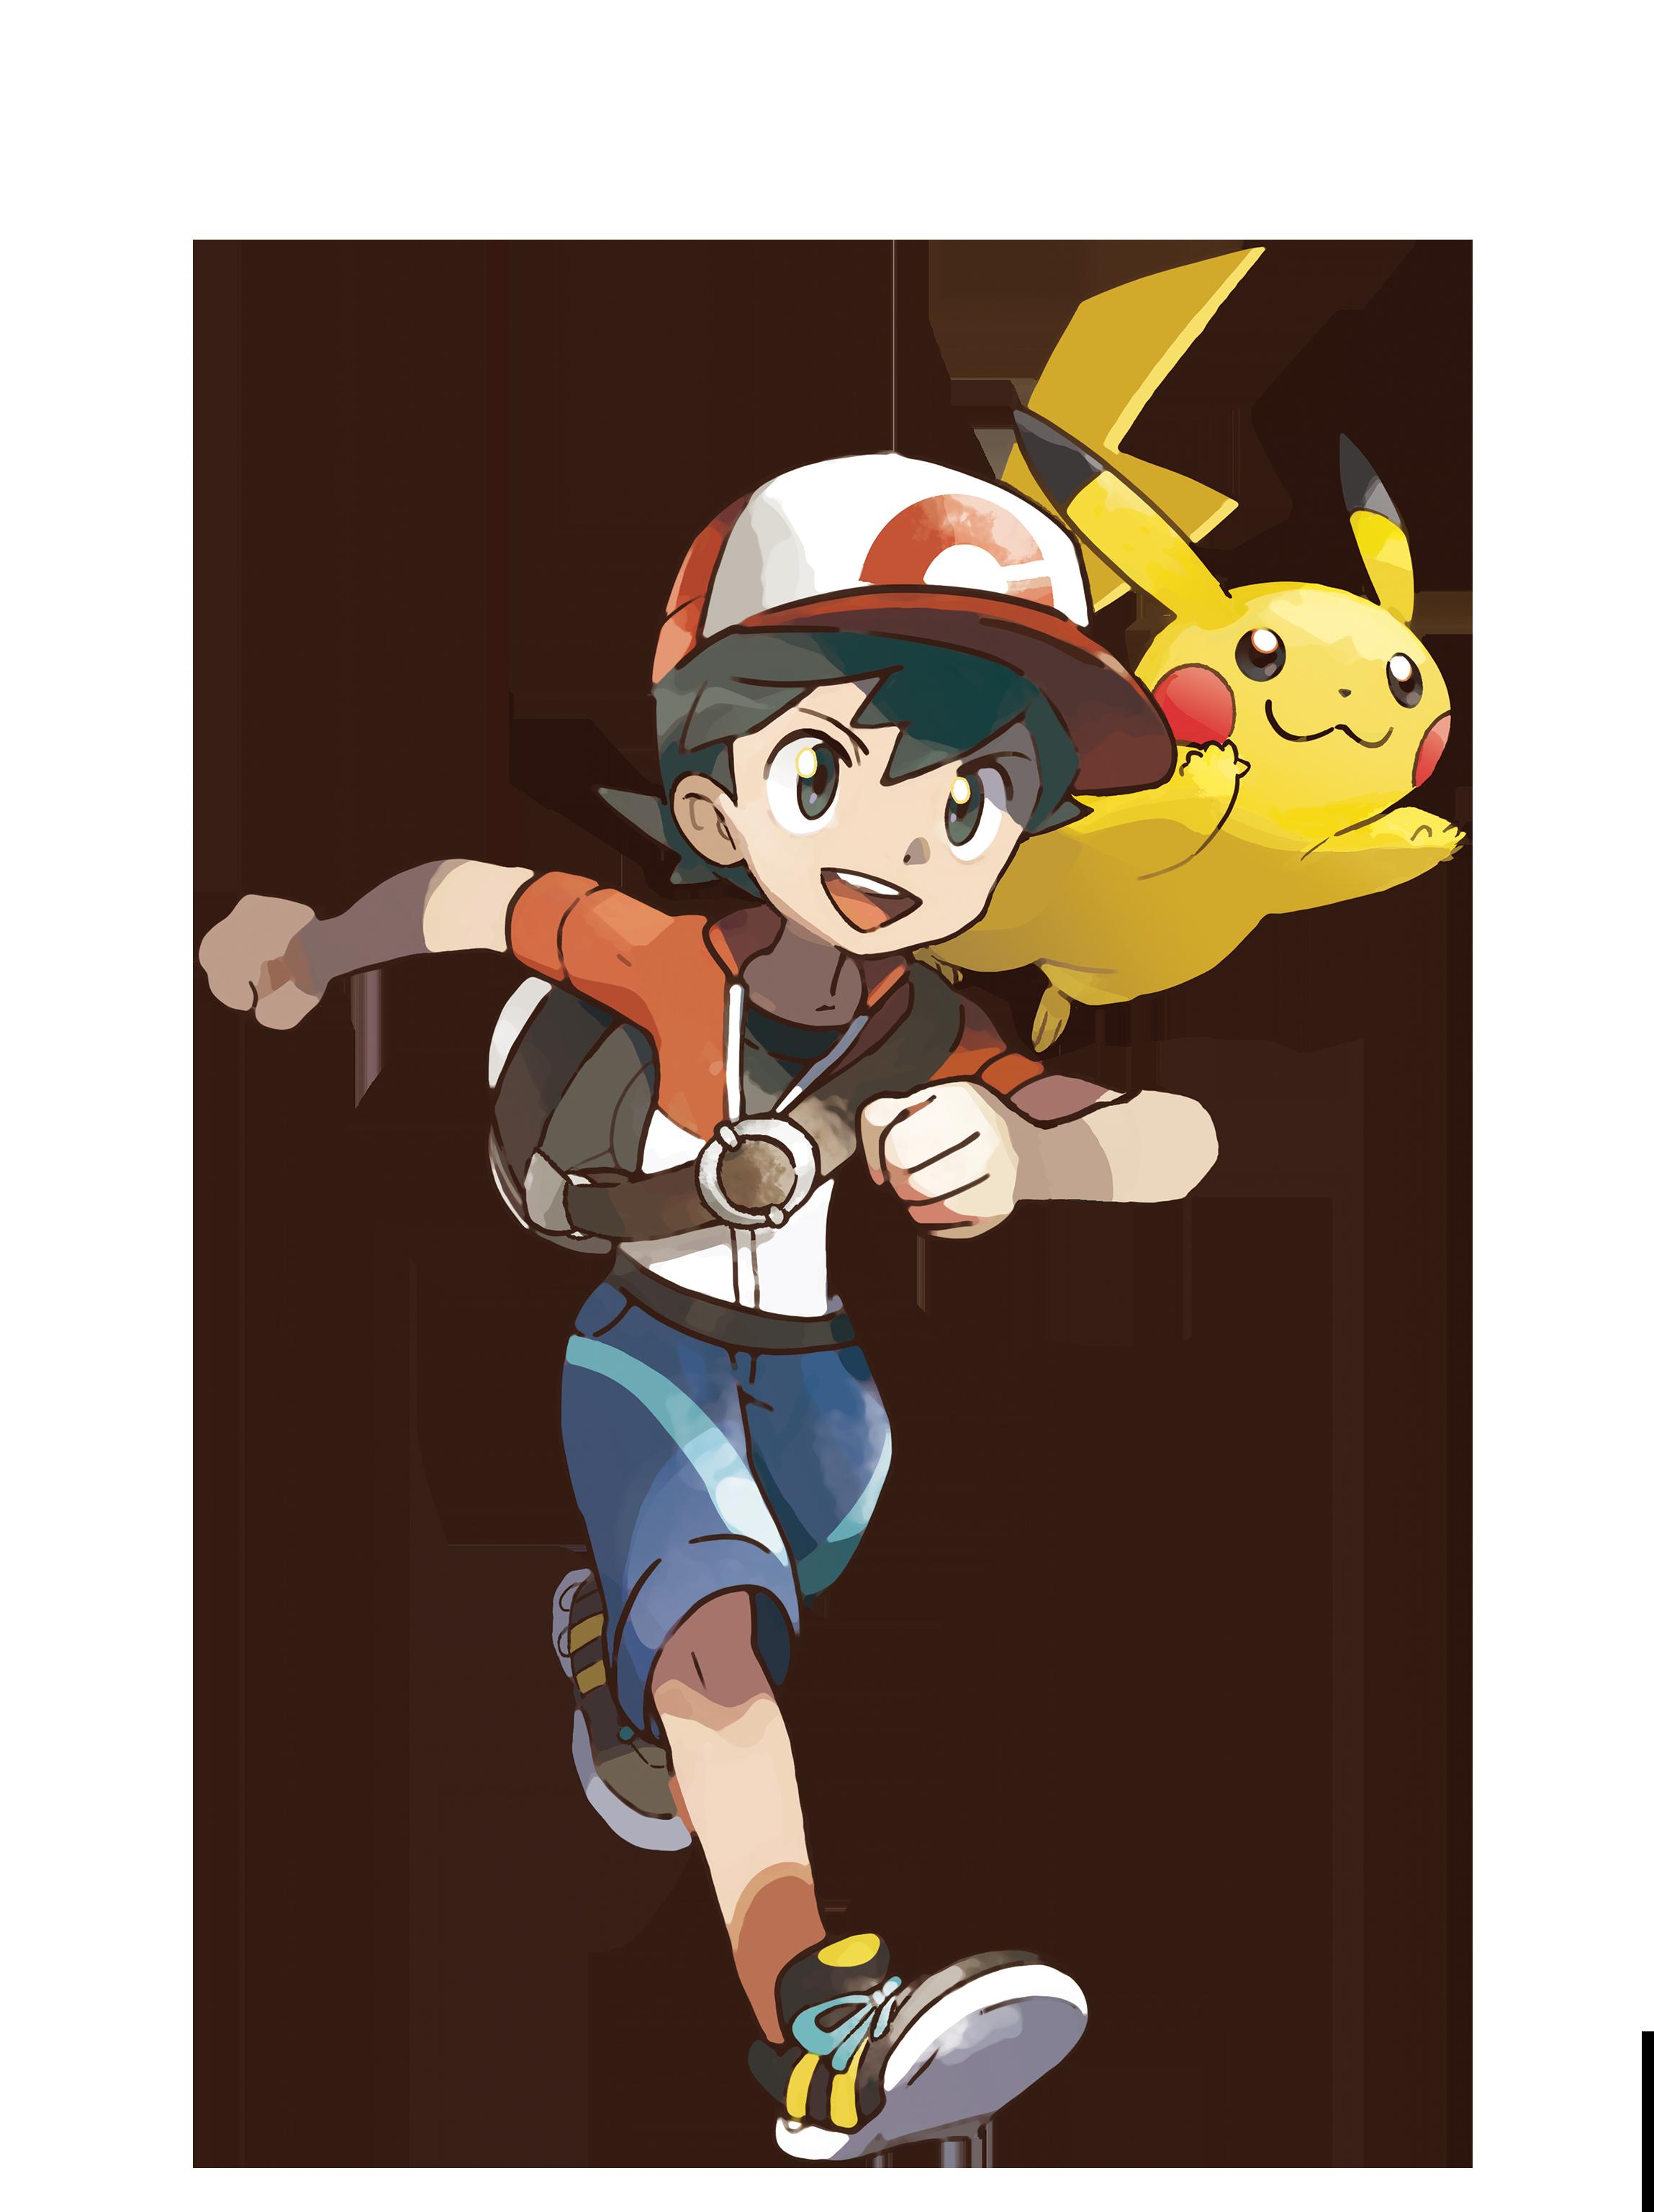 Pokemon-personaje-chico-hyperhype